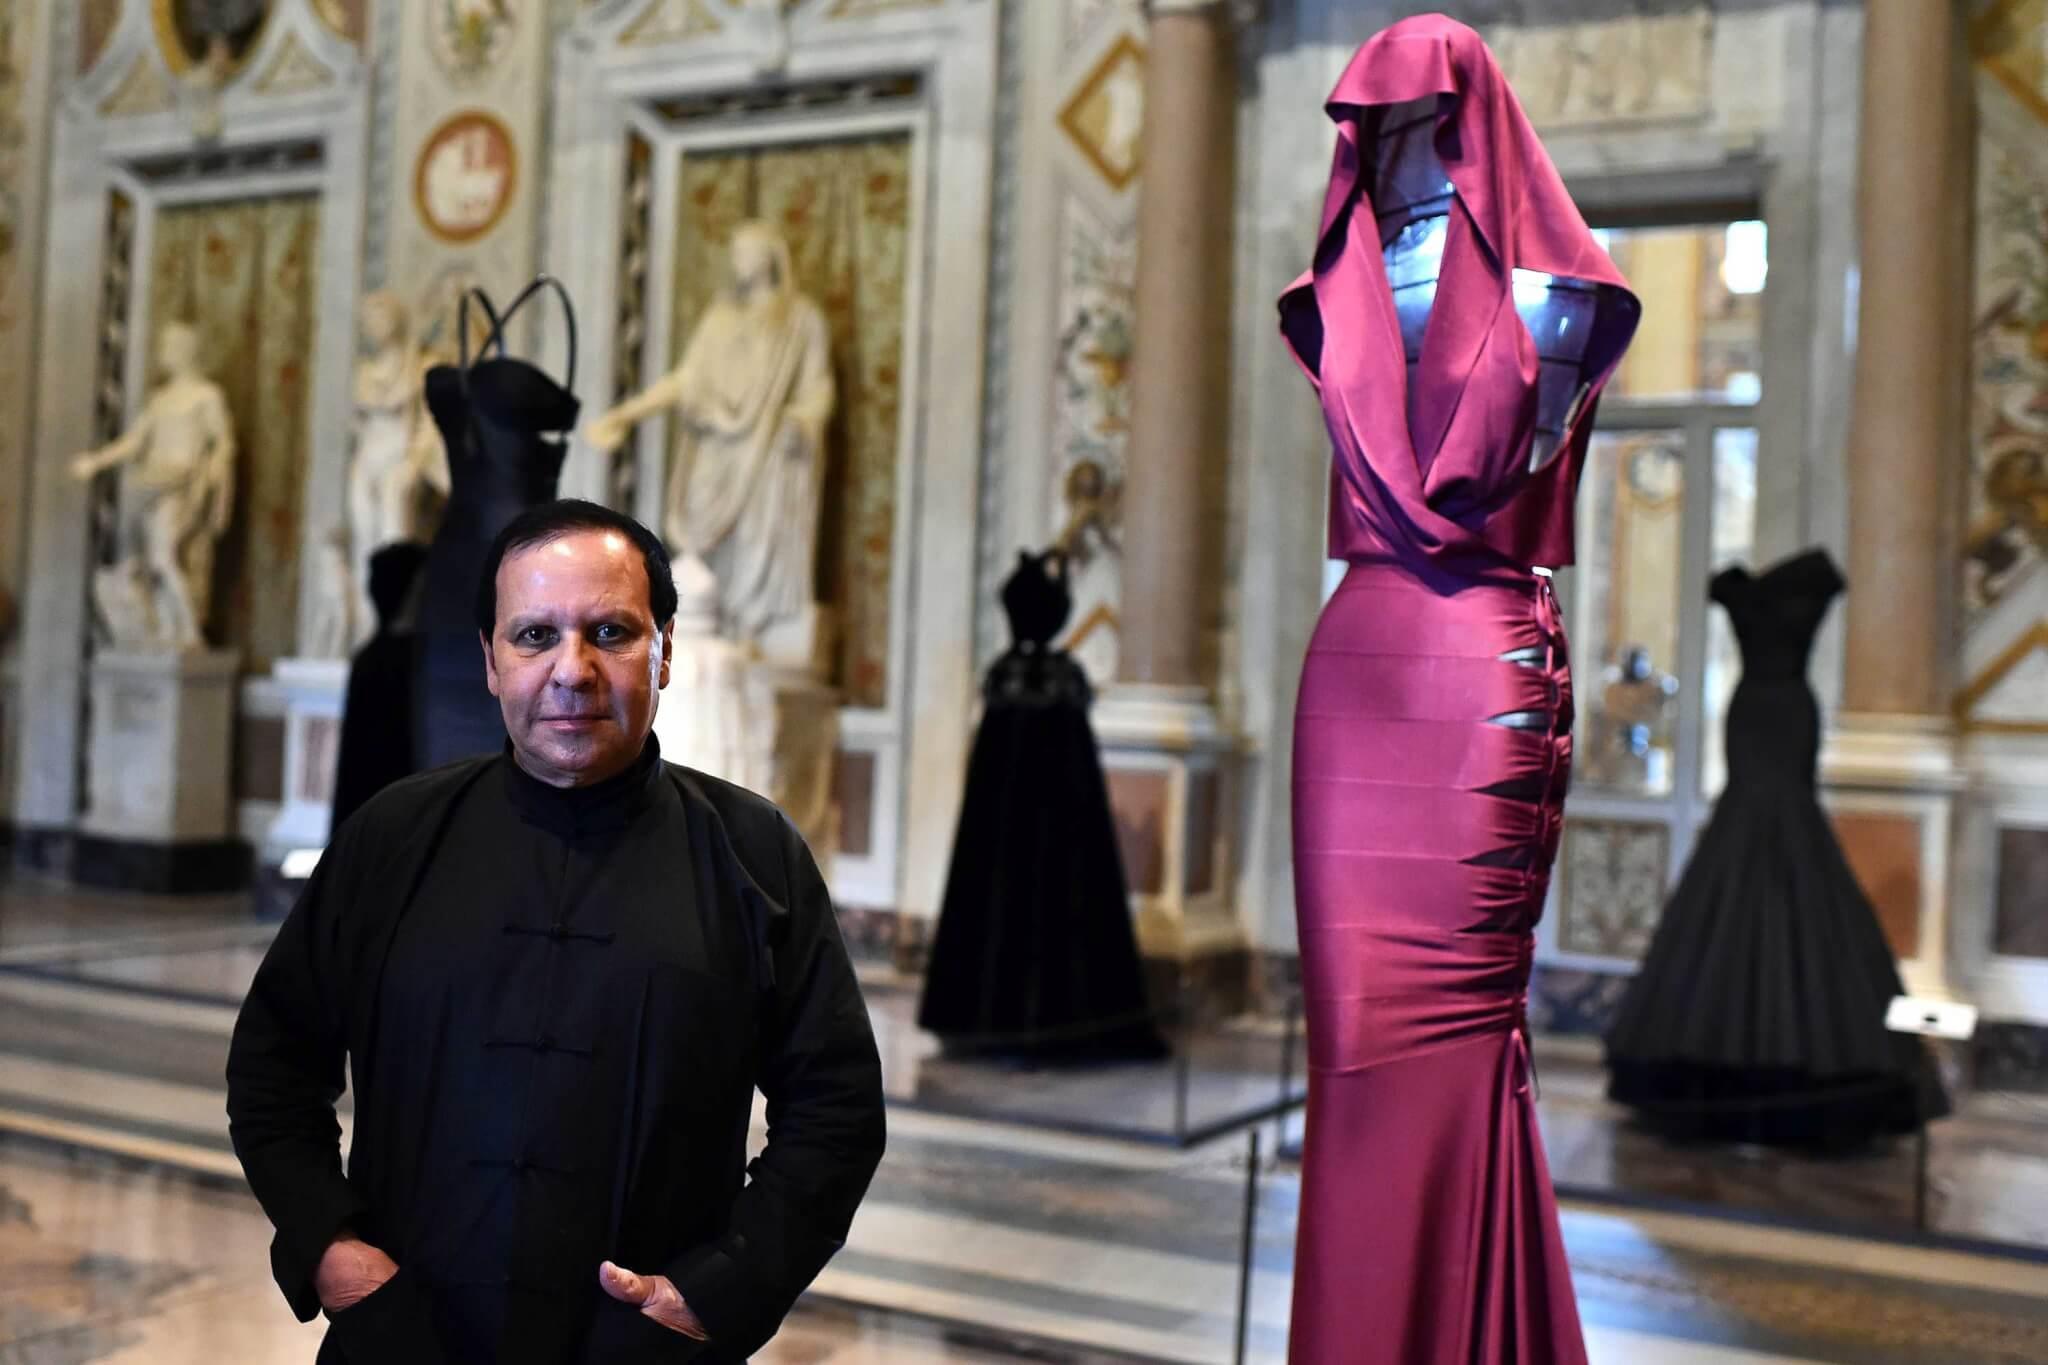 品牌的傳奇設計師Azzedine Alaïa逝世距今已經三年